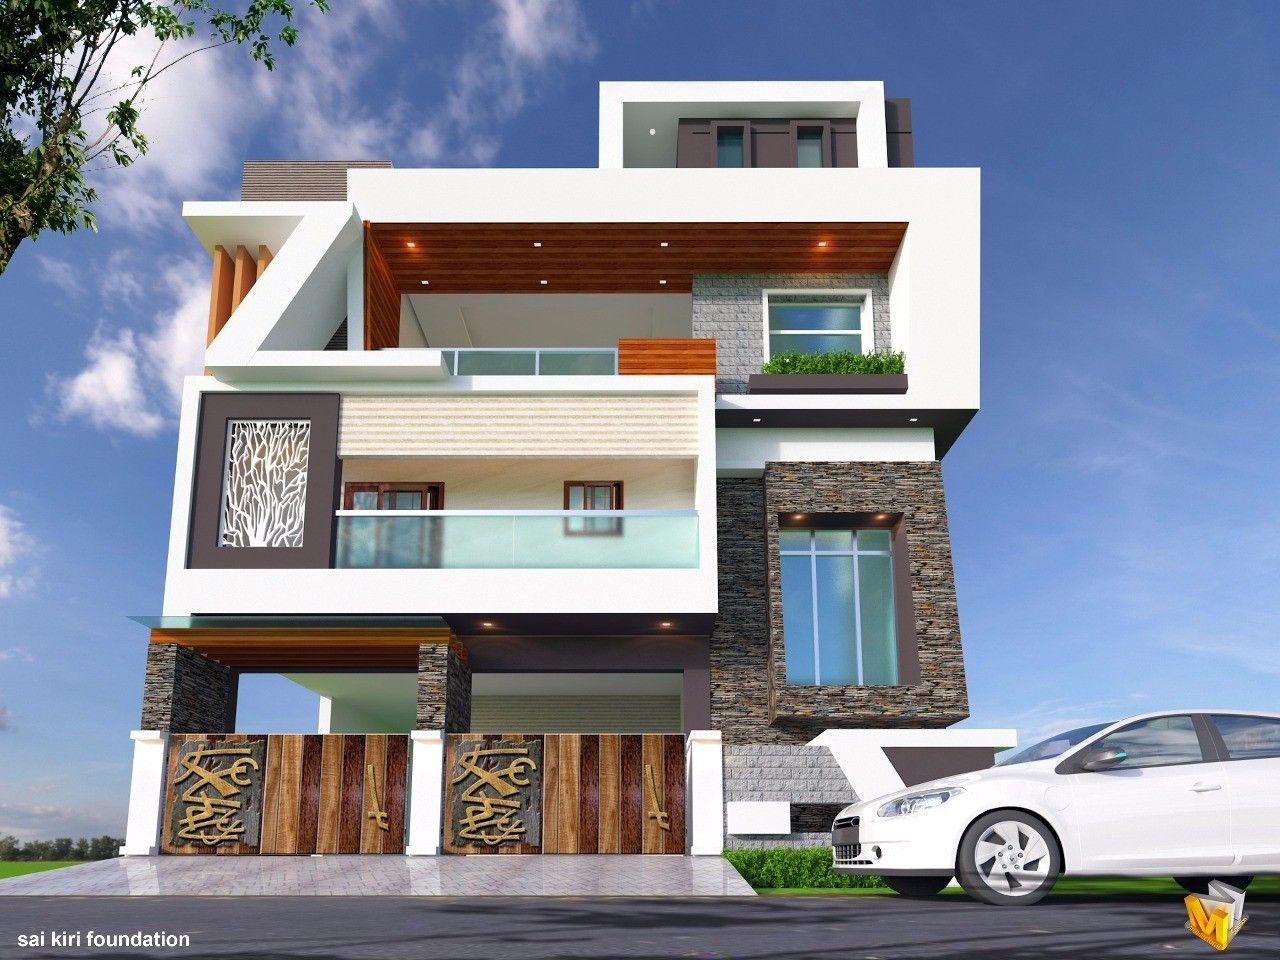 Haus design eingangstor pin von ulf schmidt auf häuser  pinterest  moderne häuser und häuschen